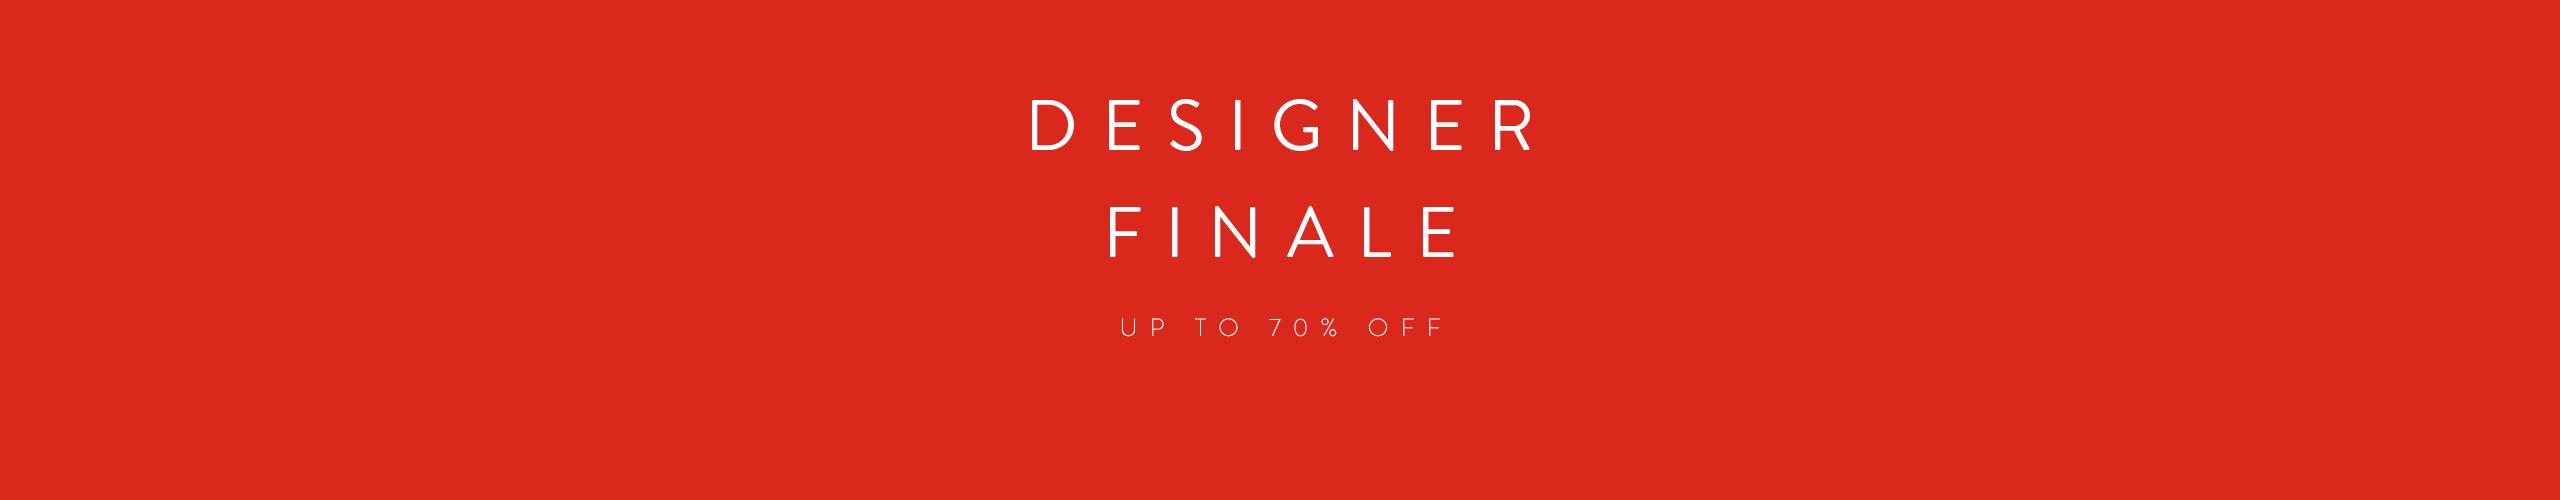 Designer finale, up to 70% off.